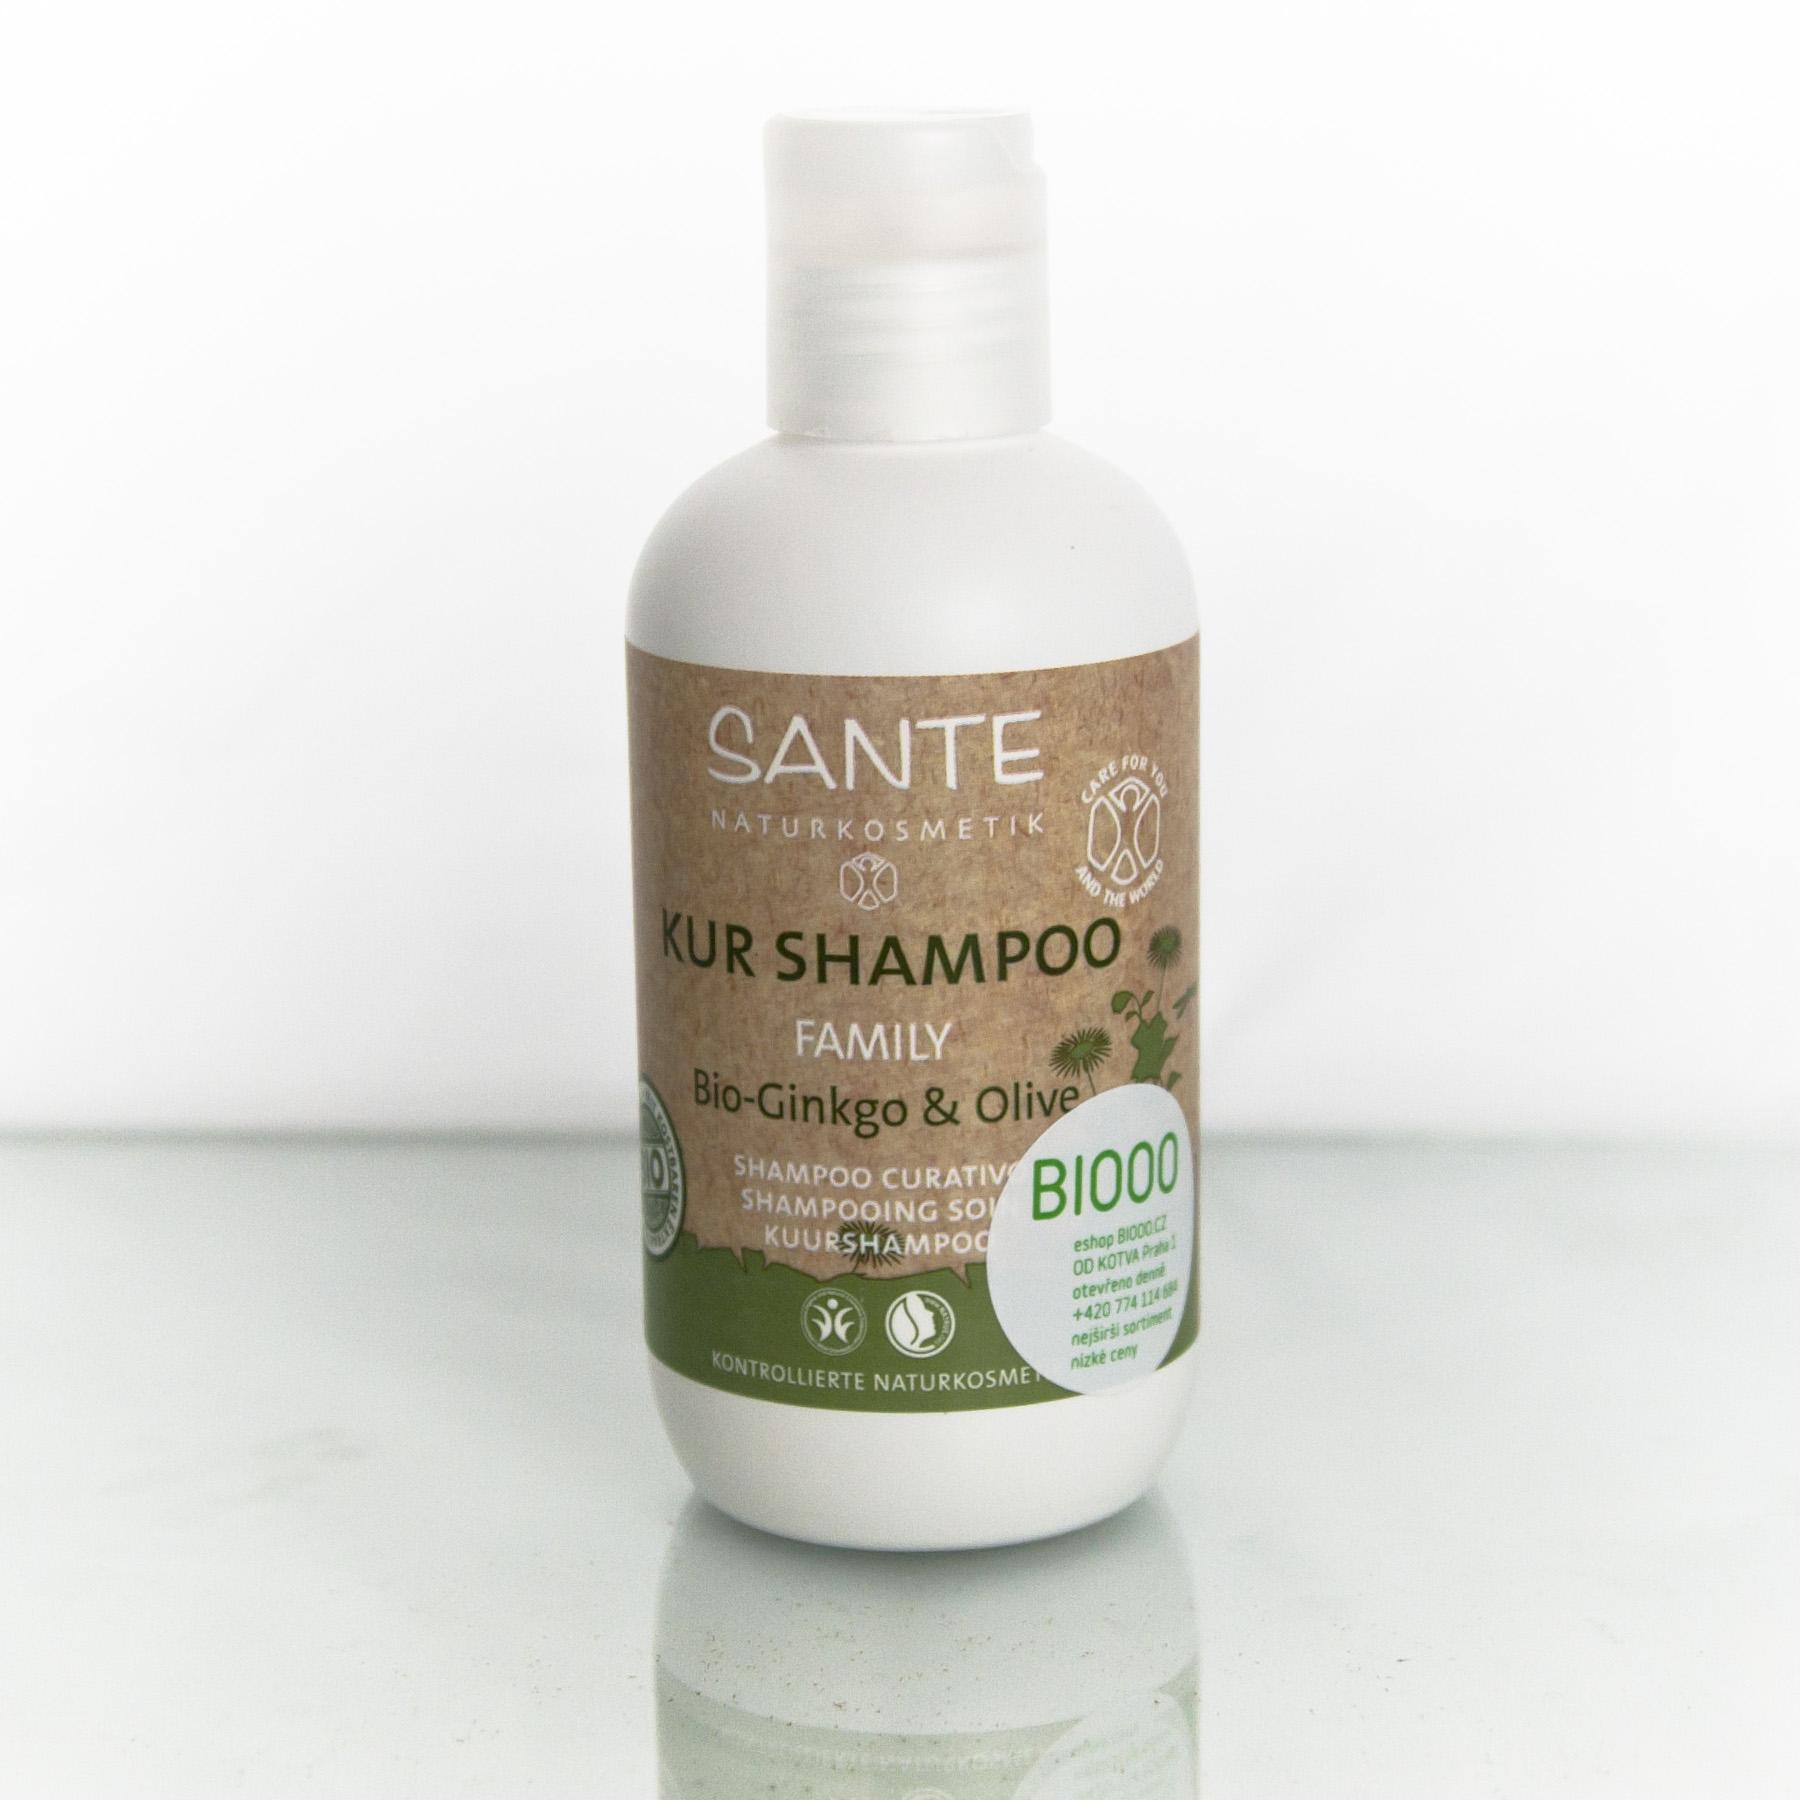 Santé Šampon bio ginkgo a oliva, Family - nepoužívat 200 ml